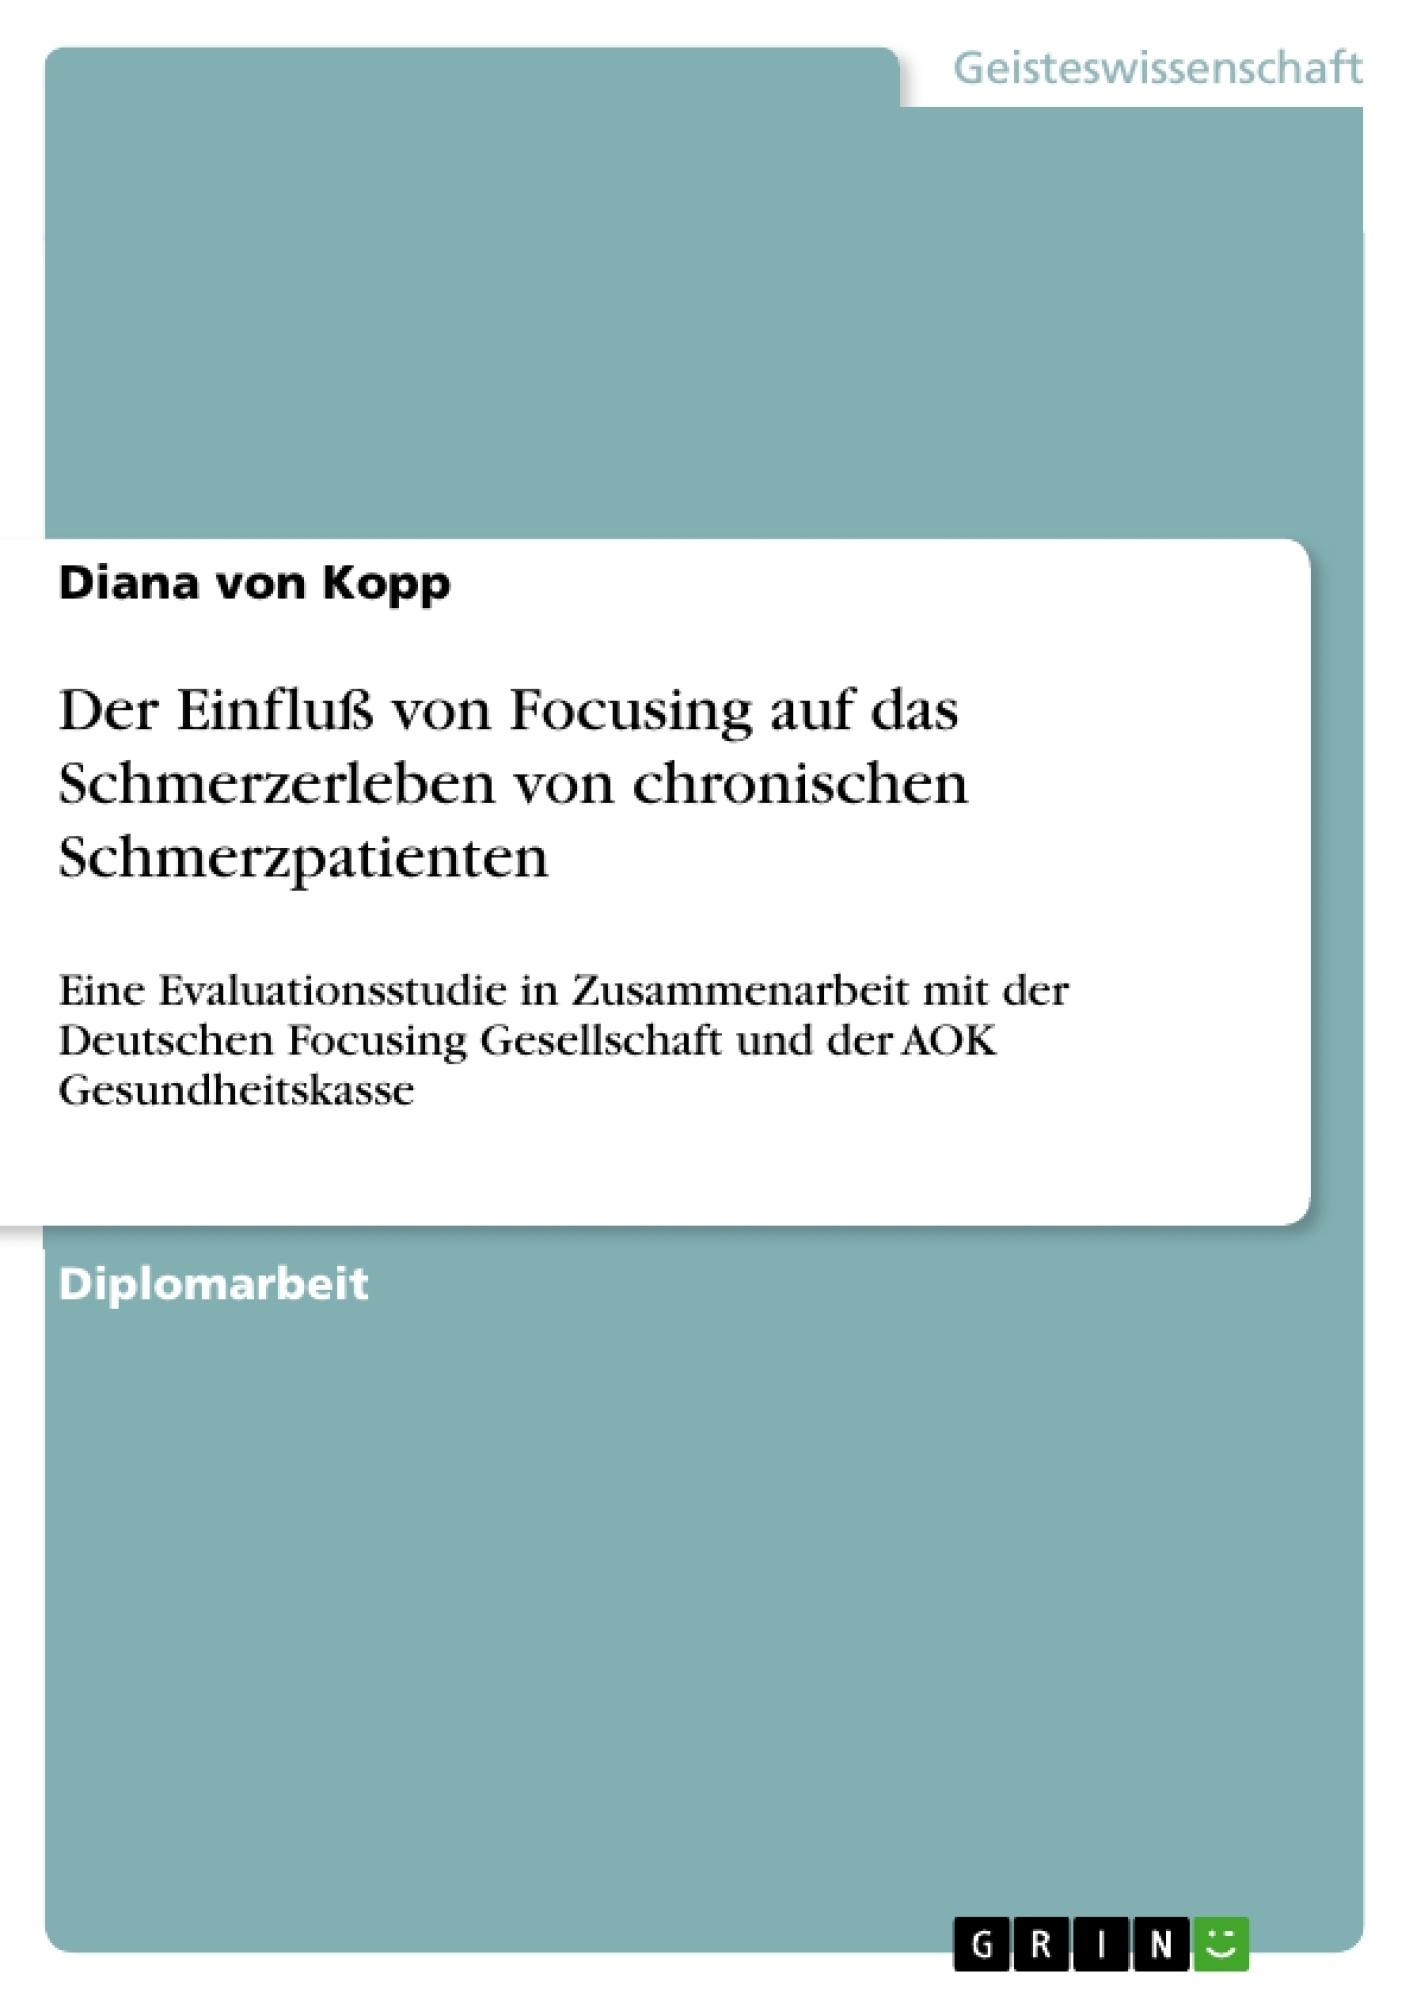 Titel: Der Einfluß von Focusing auf das Schmerzerleben von chronischen Schmerzpatienten